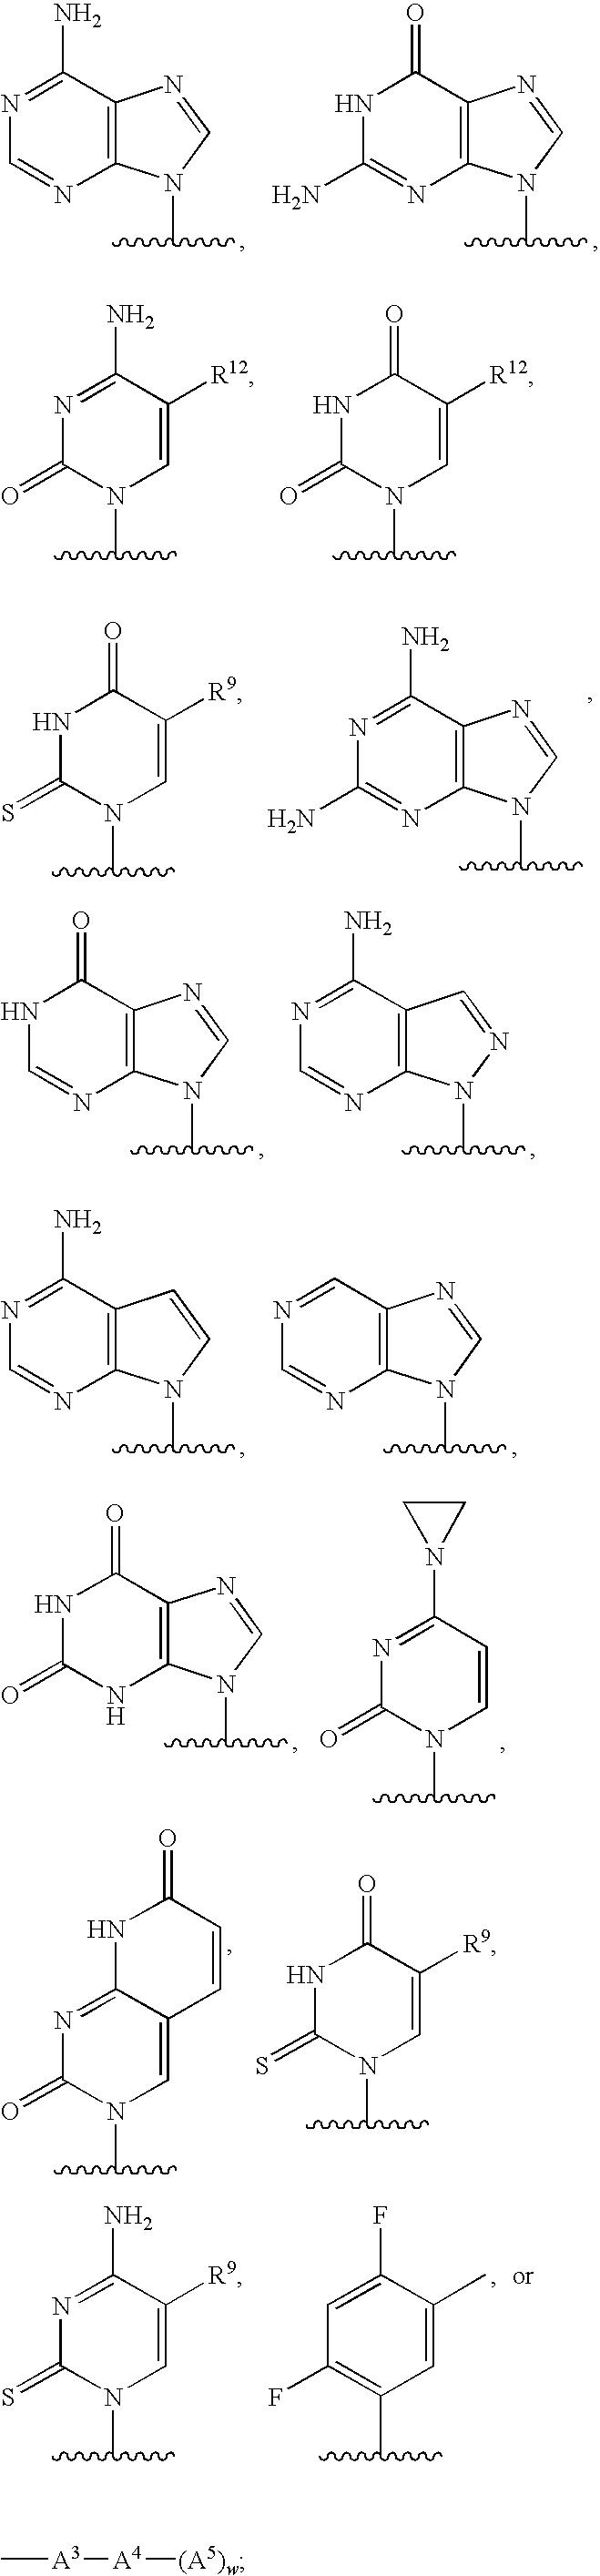 Figure US08013136-20110906-C00072